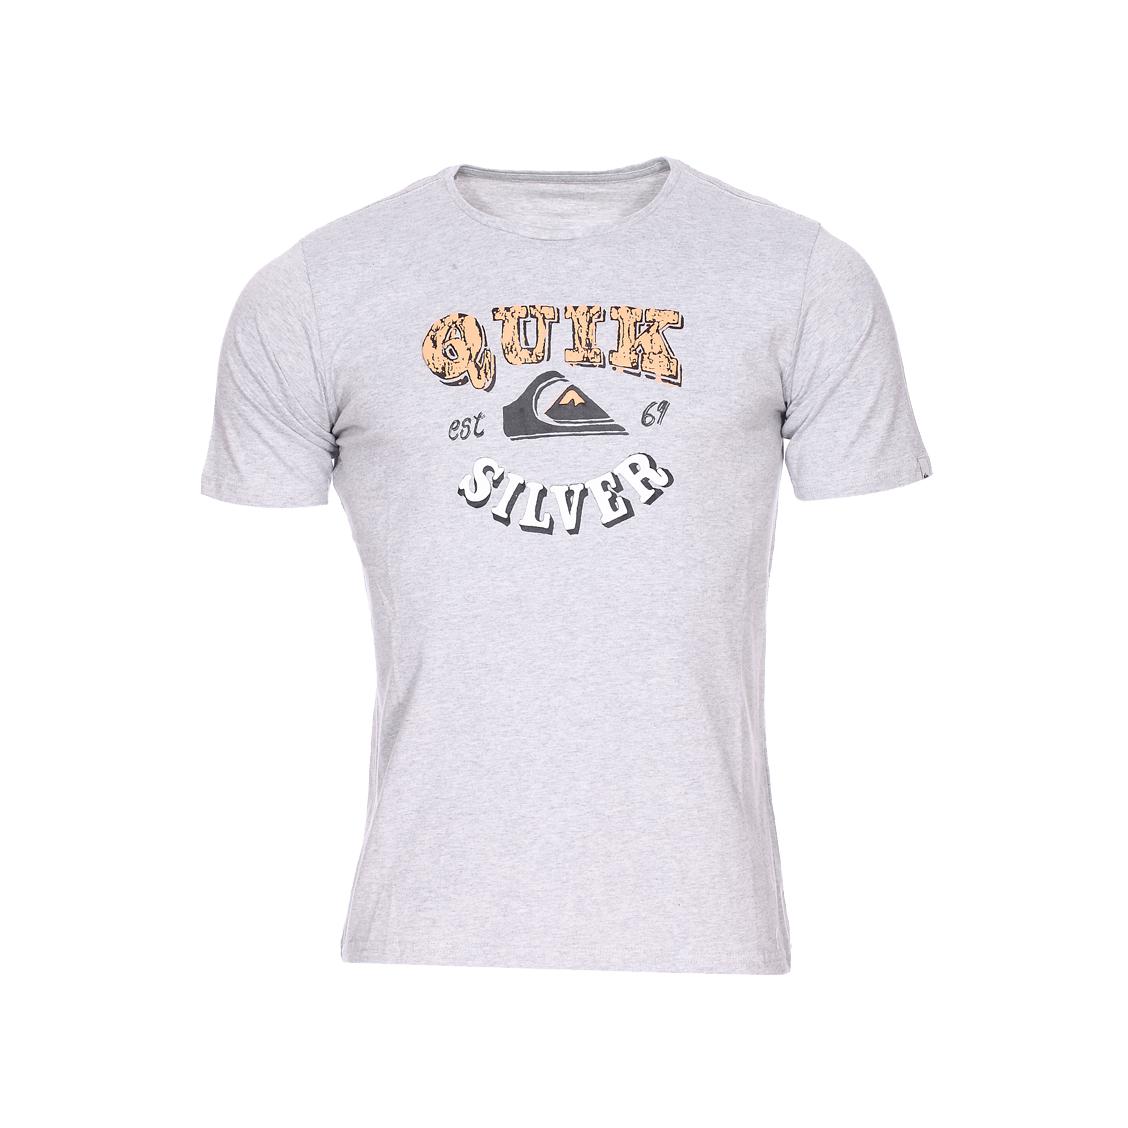 Tee-shirt col rond  classic pahu pia en jersey de coton gris chiné floquée